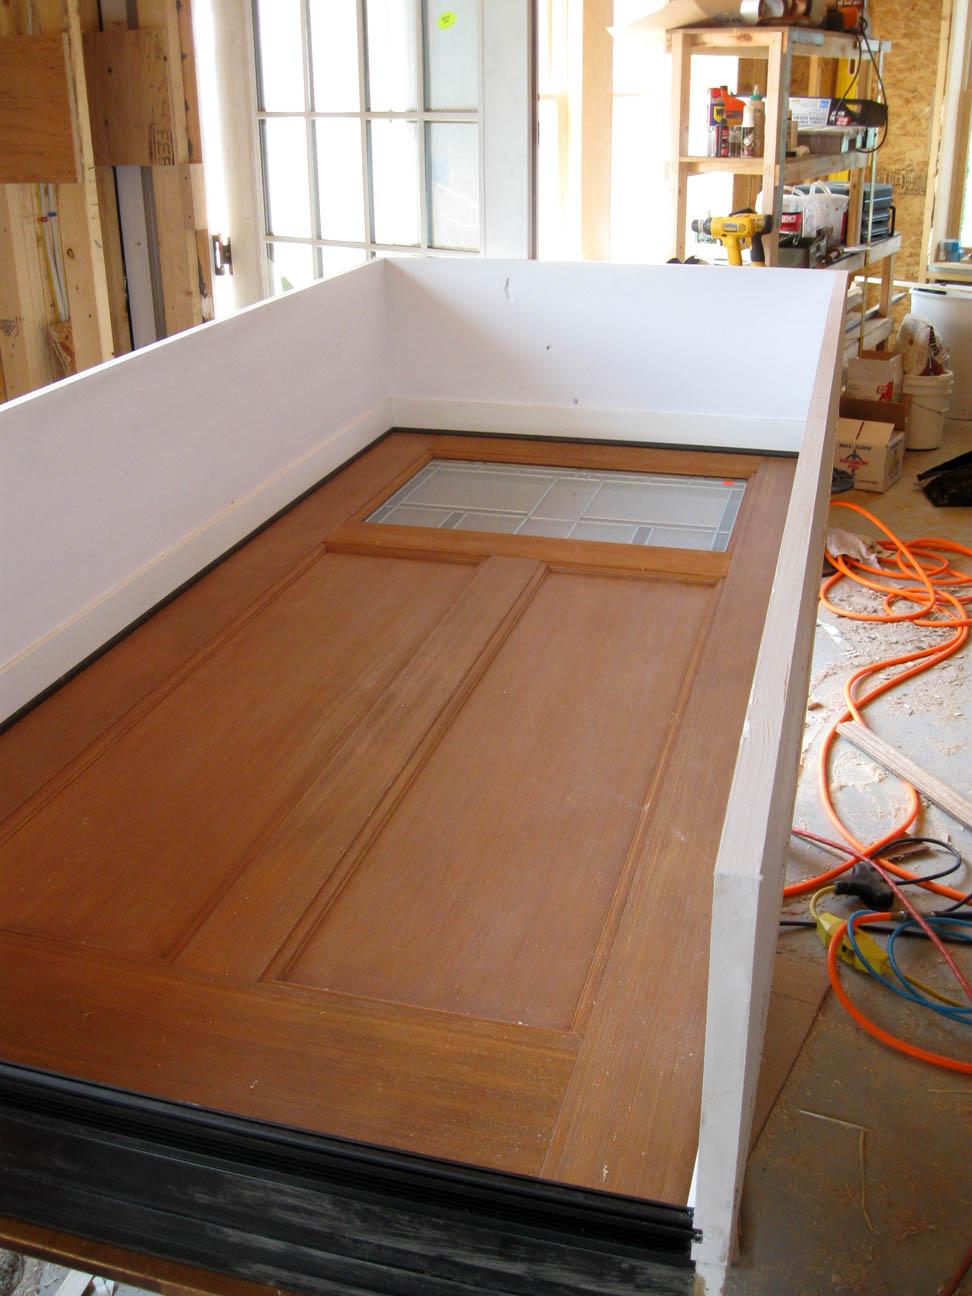 exceptional install door jamb Part - 12: exceptional install door jamb great ideas